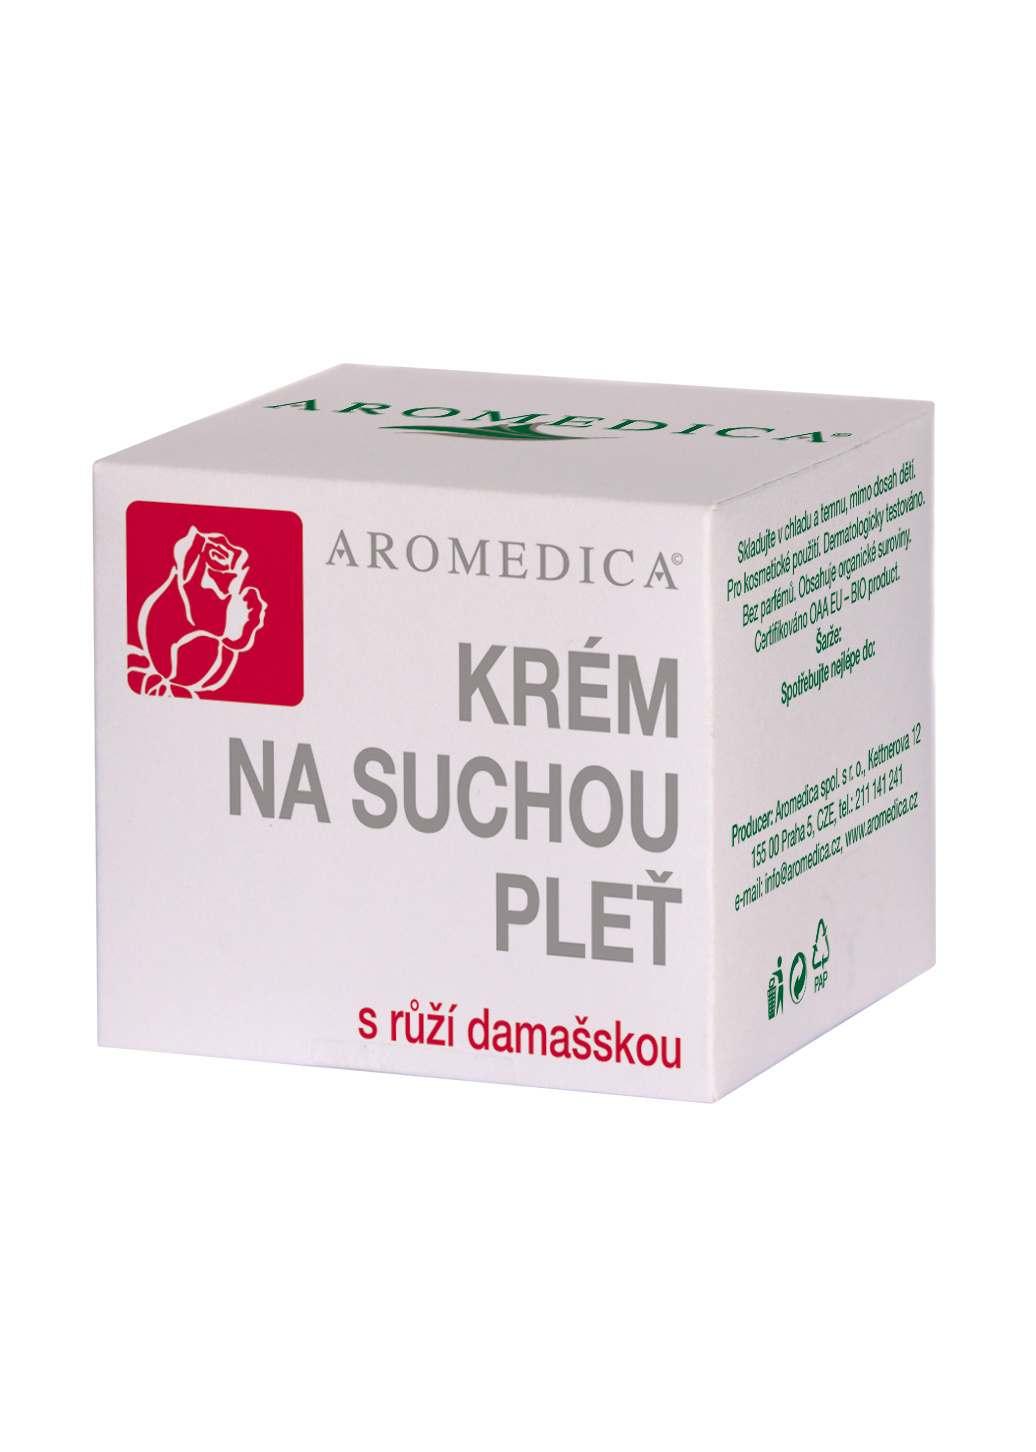 Aromedica Krém na suchou pleť s růžovým olejem 50 ml